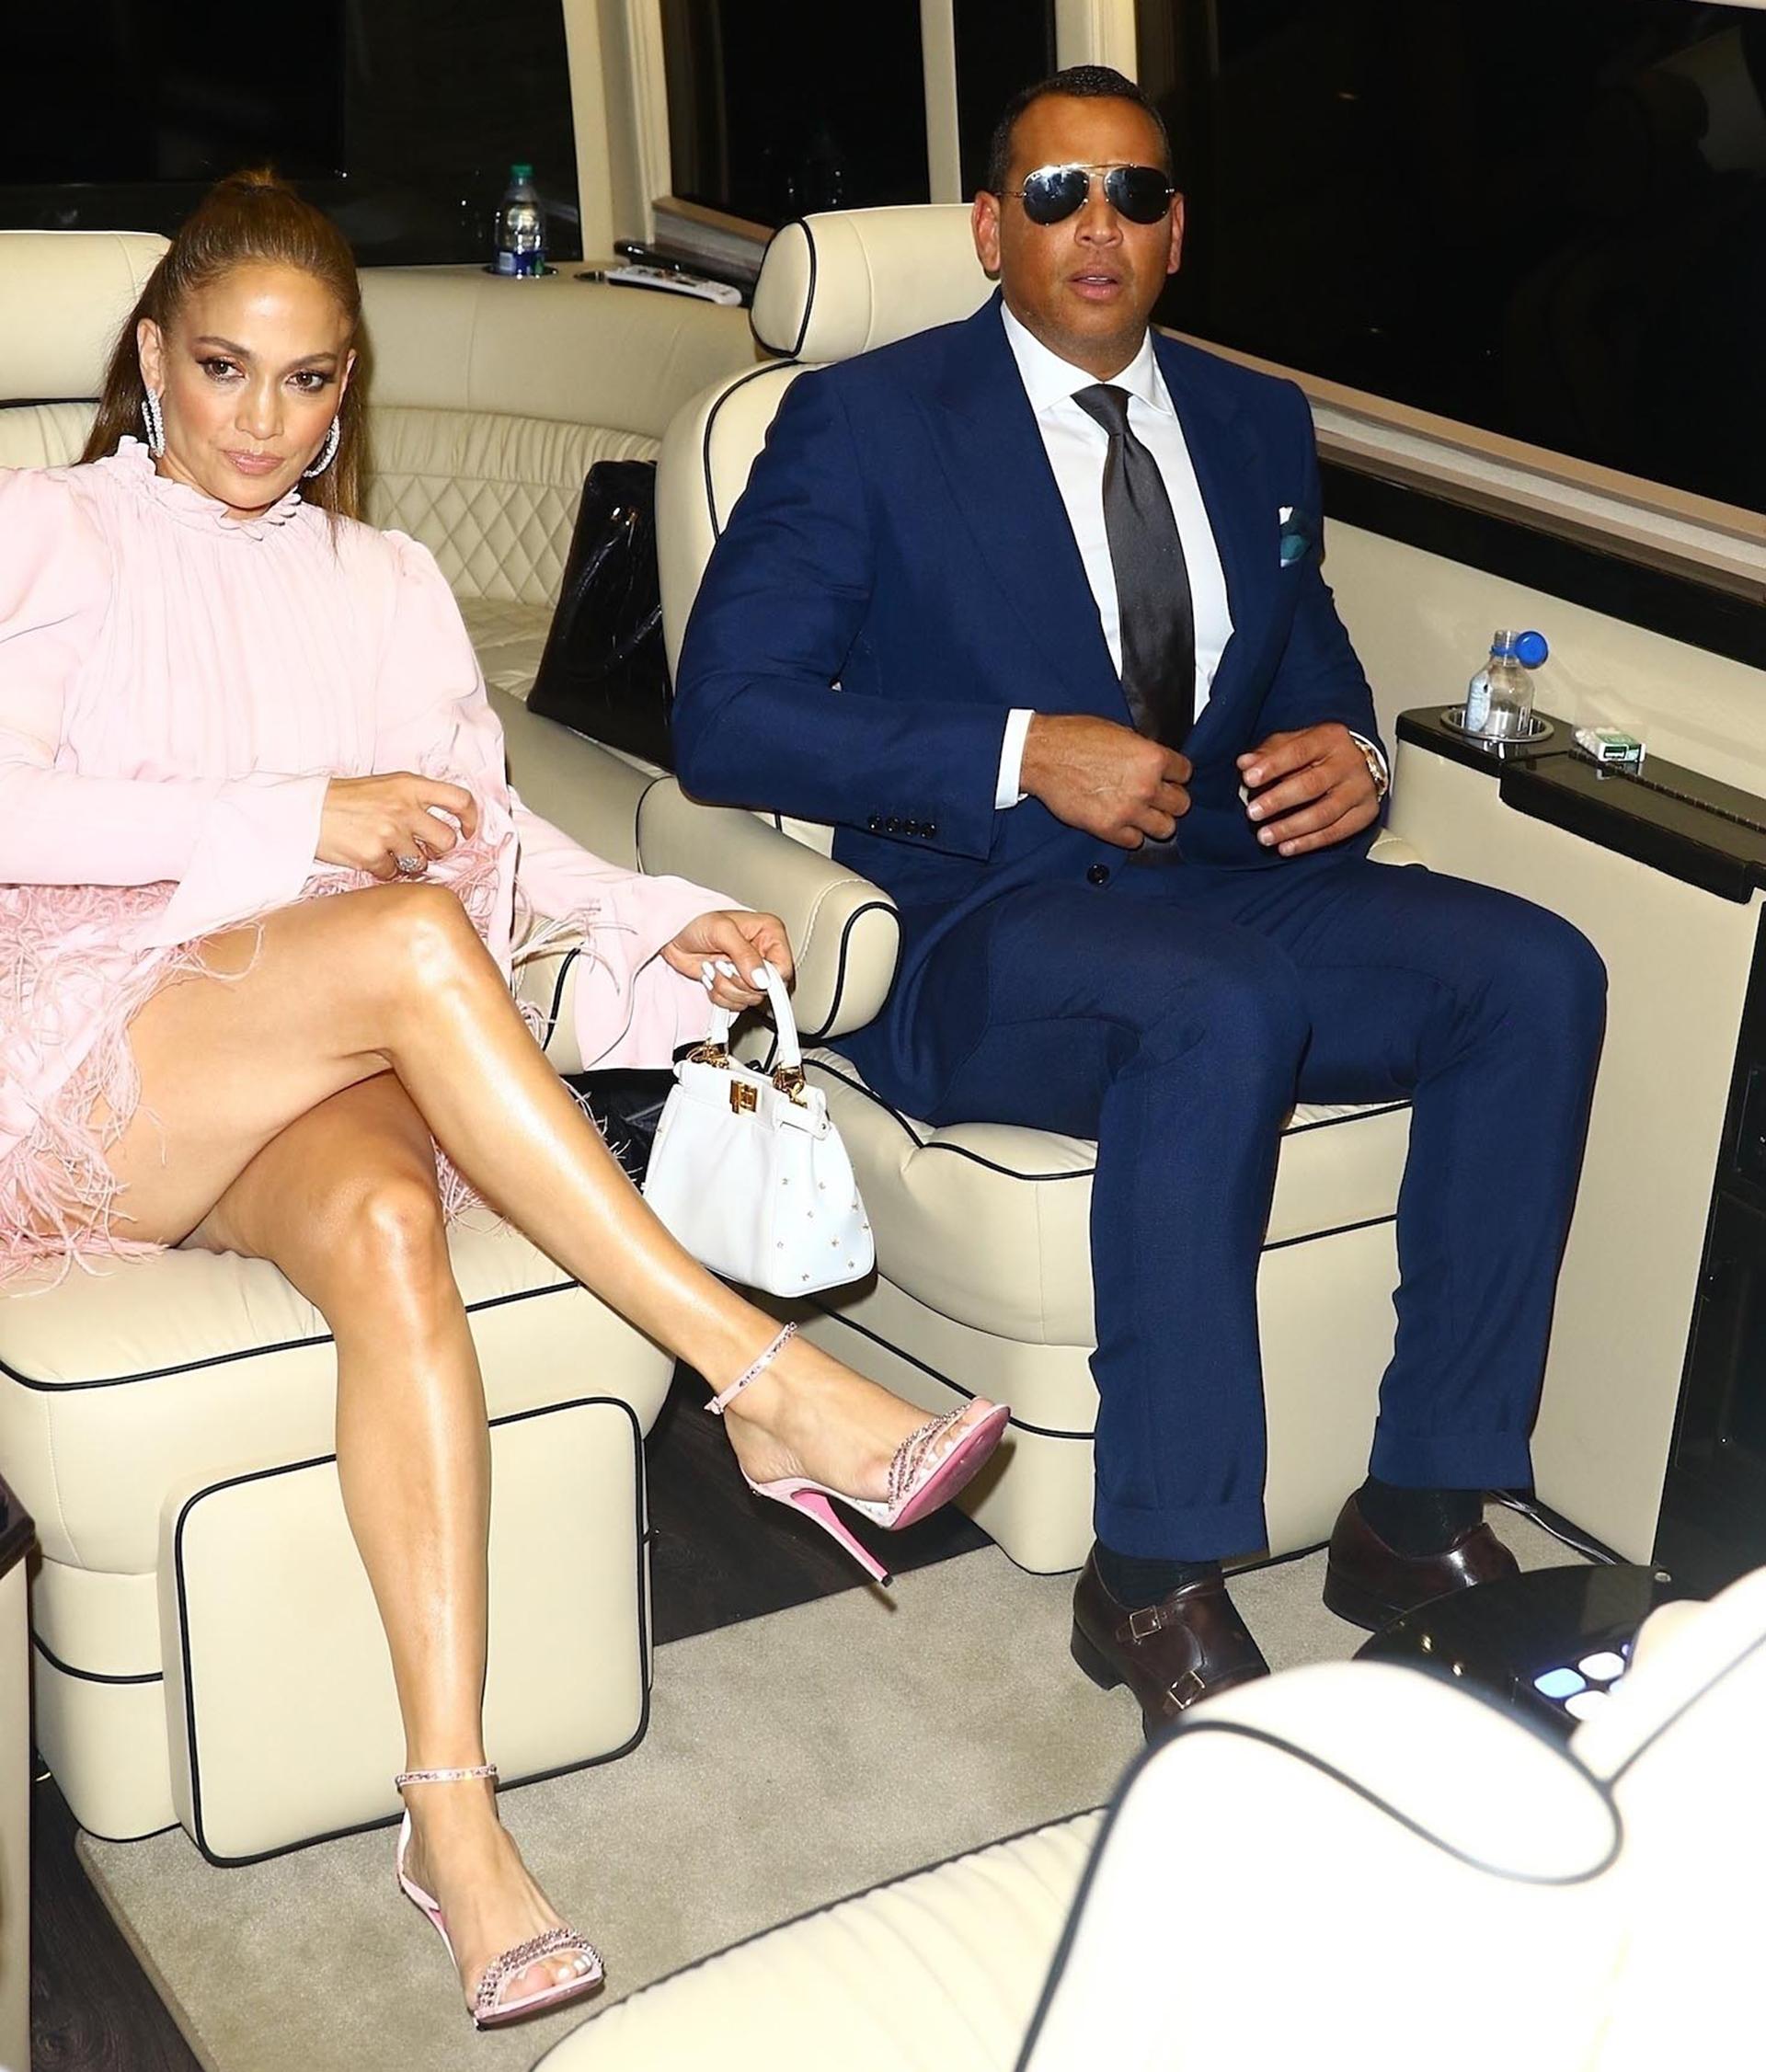 A los 49 años, Jennifer Lopez continúa cautivando con su dinamismo y belleza, y la diferencia de edad con su pareja, de 43 años, no parece preocuparle